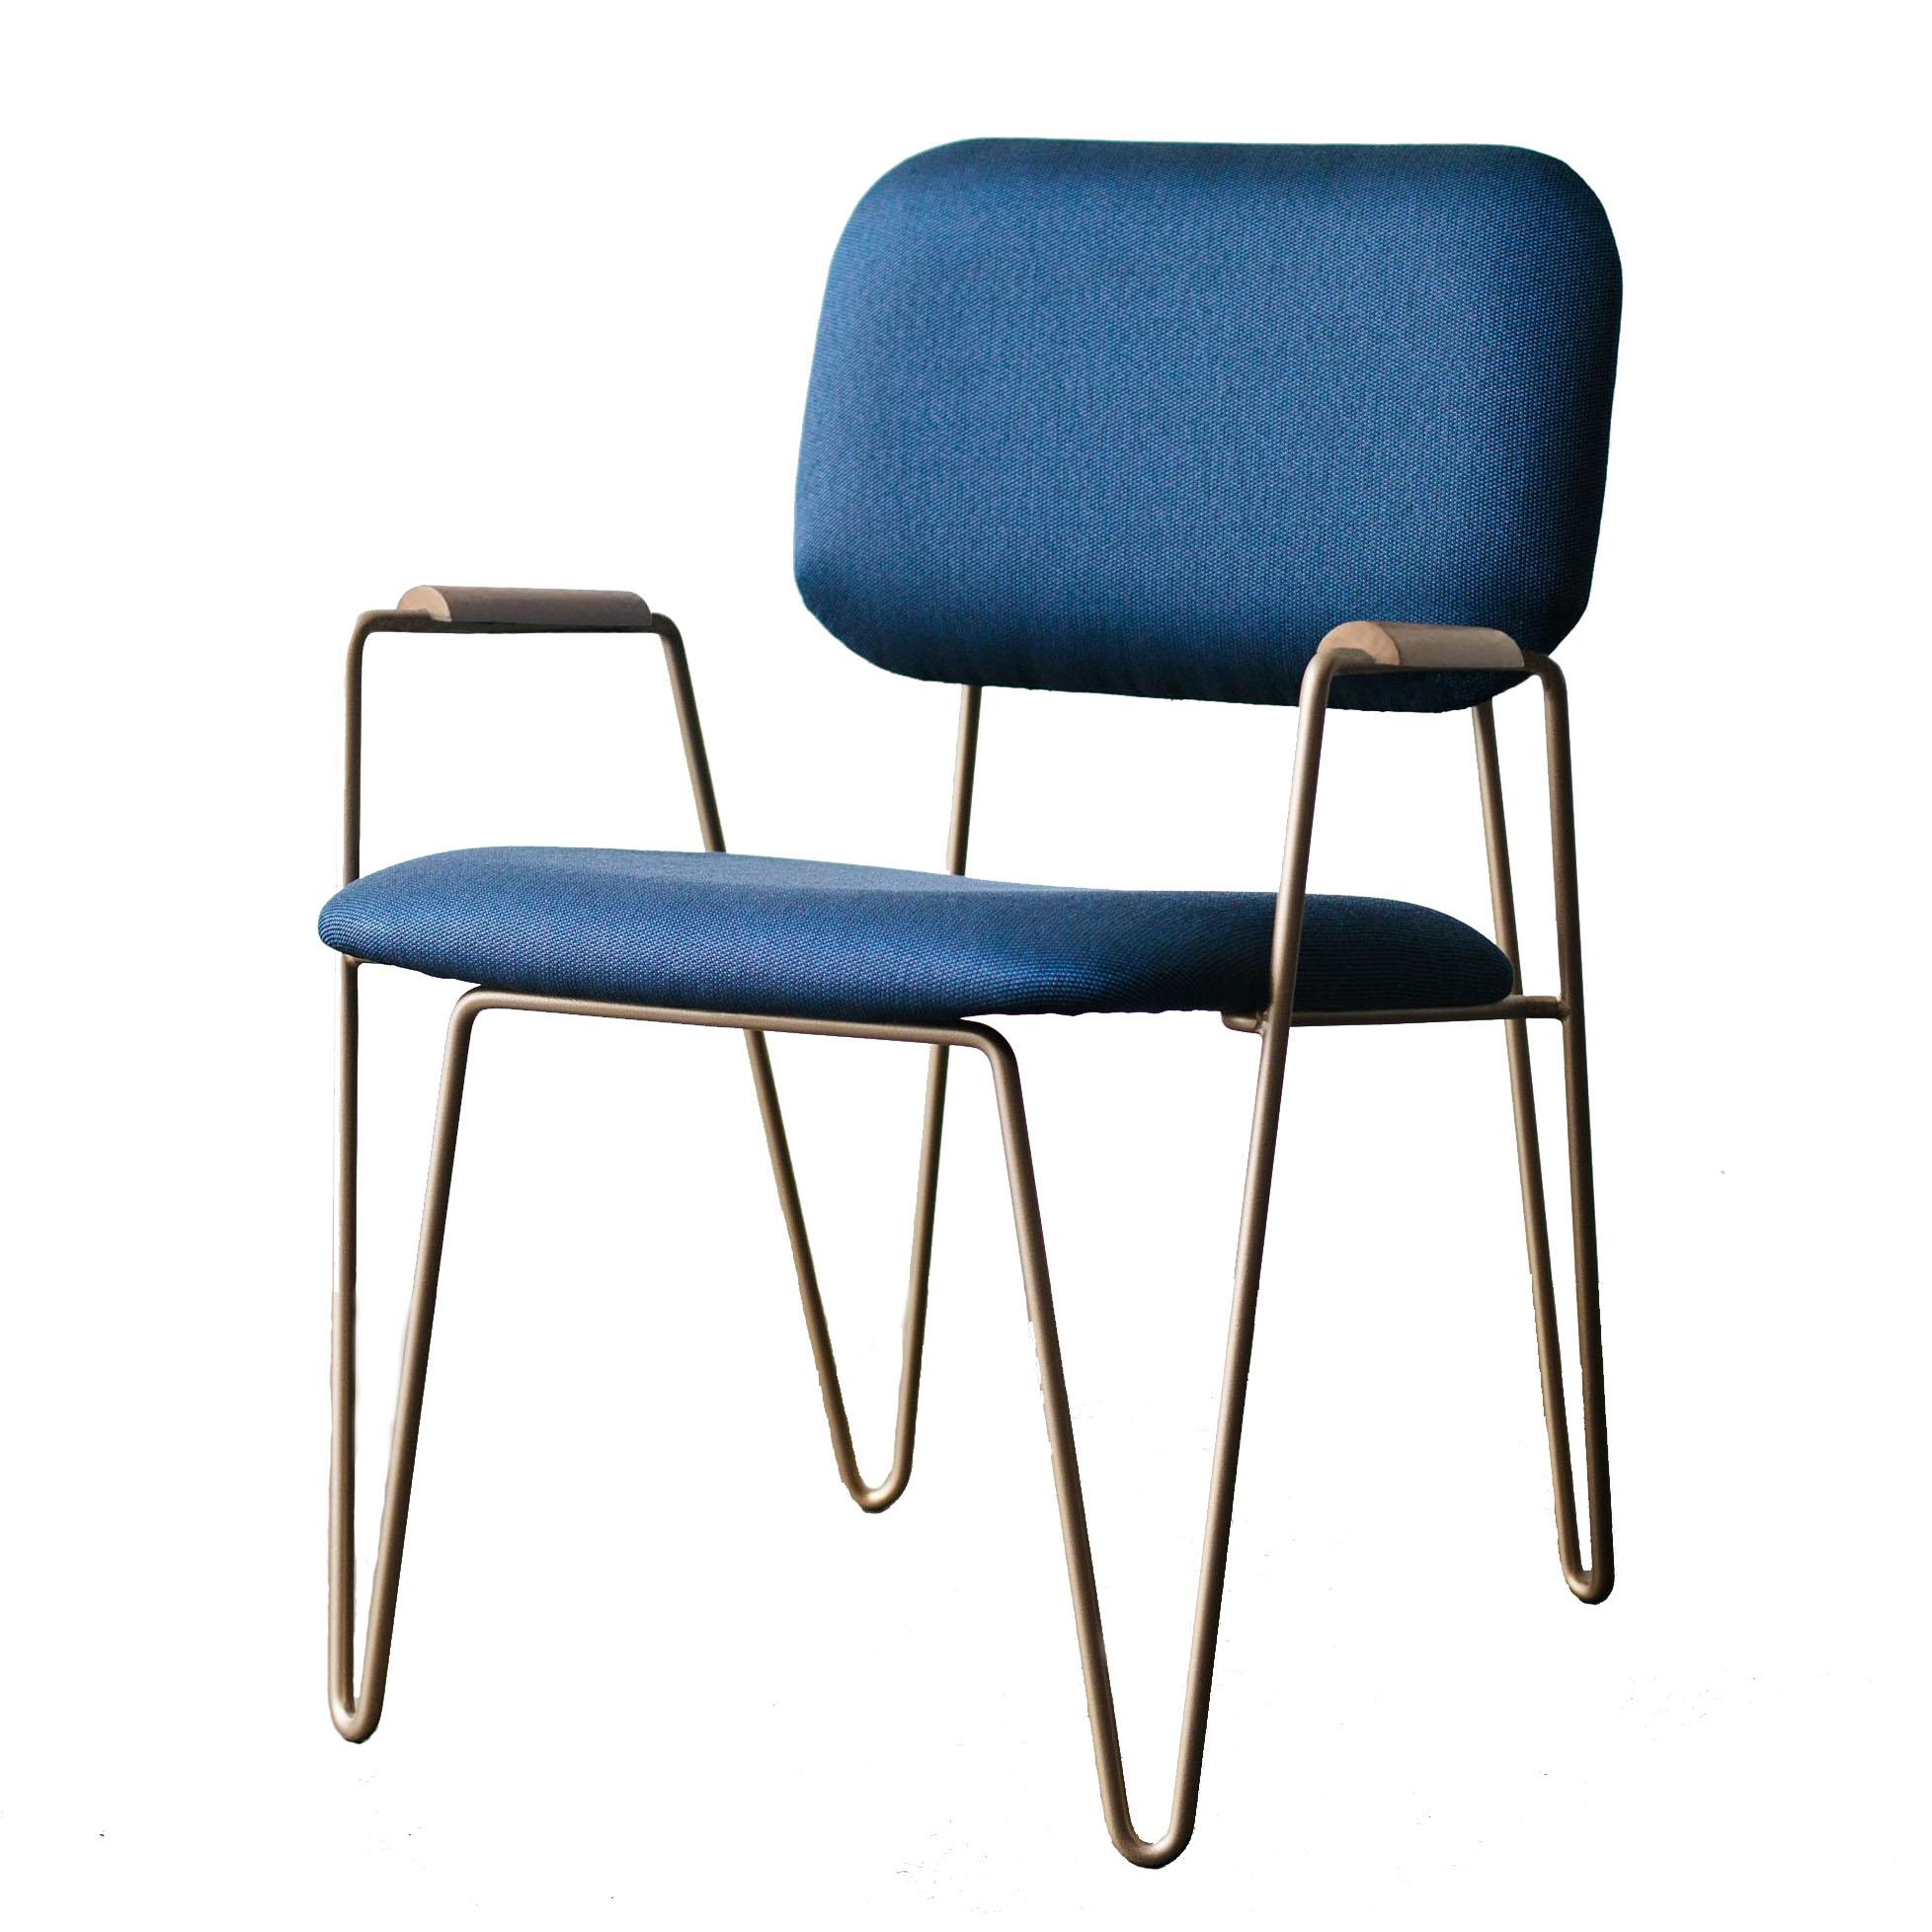 cadeira bruna com braços